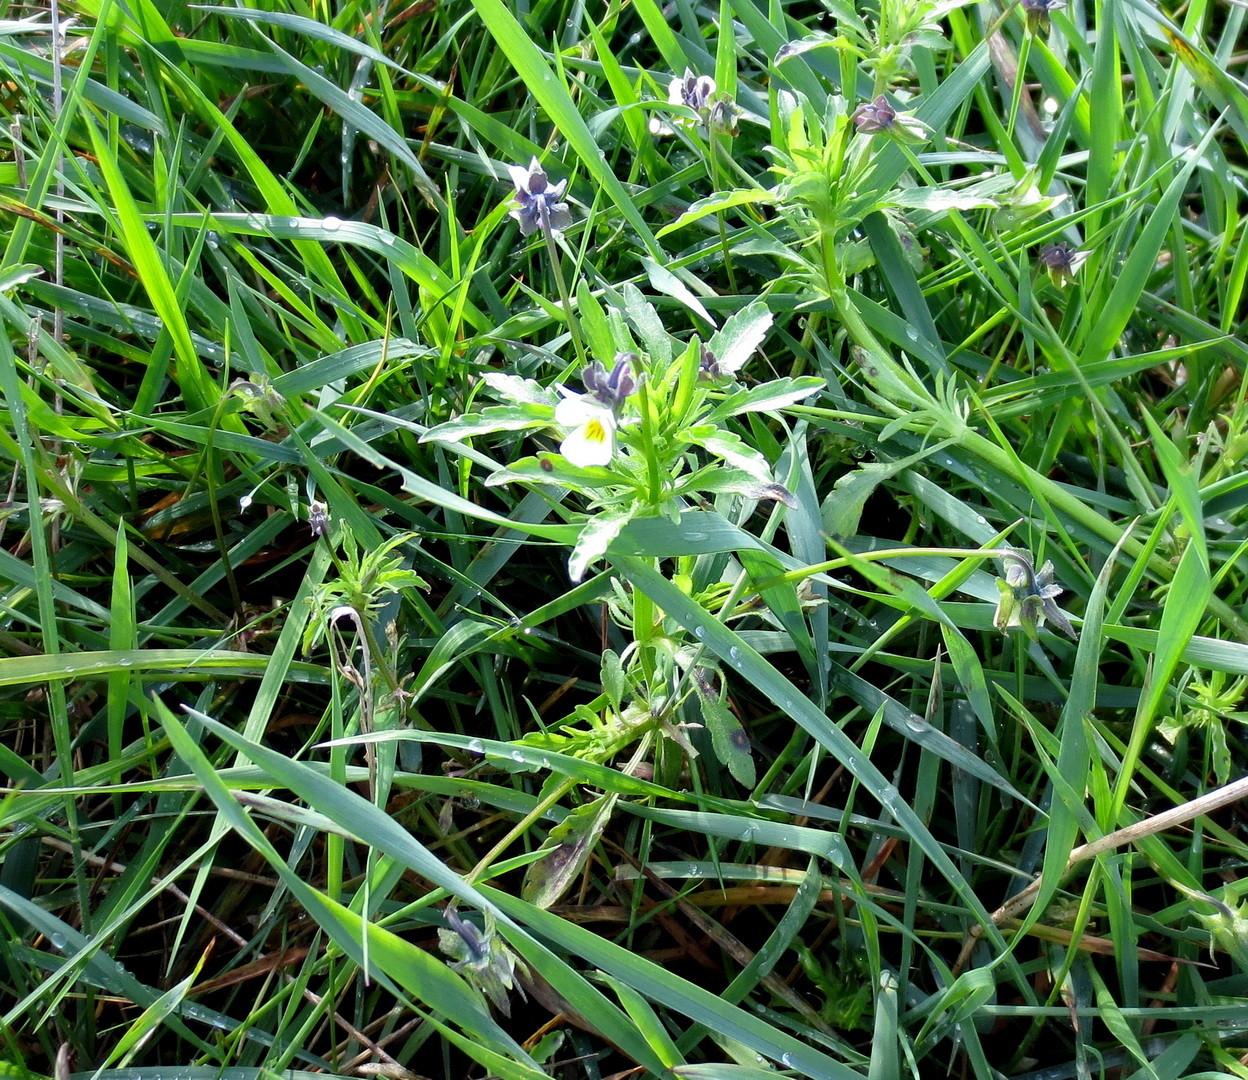 Acker-Stiefmütterchen (Viola arvensis) 10. Mai 2014